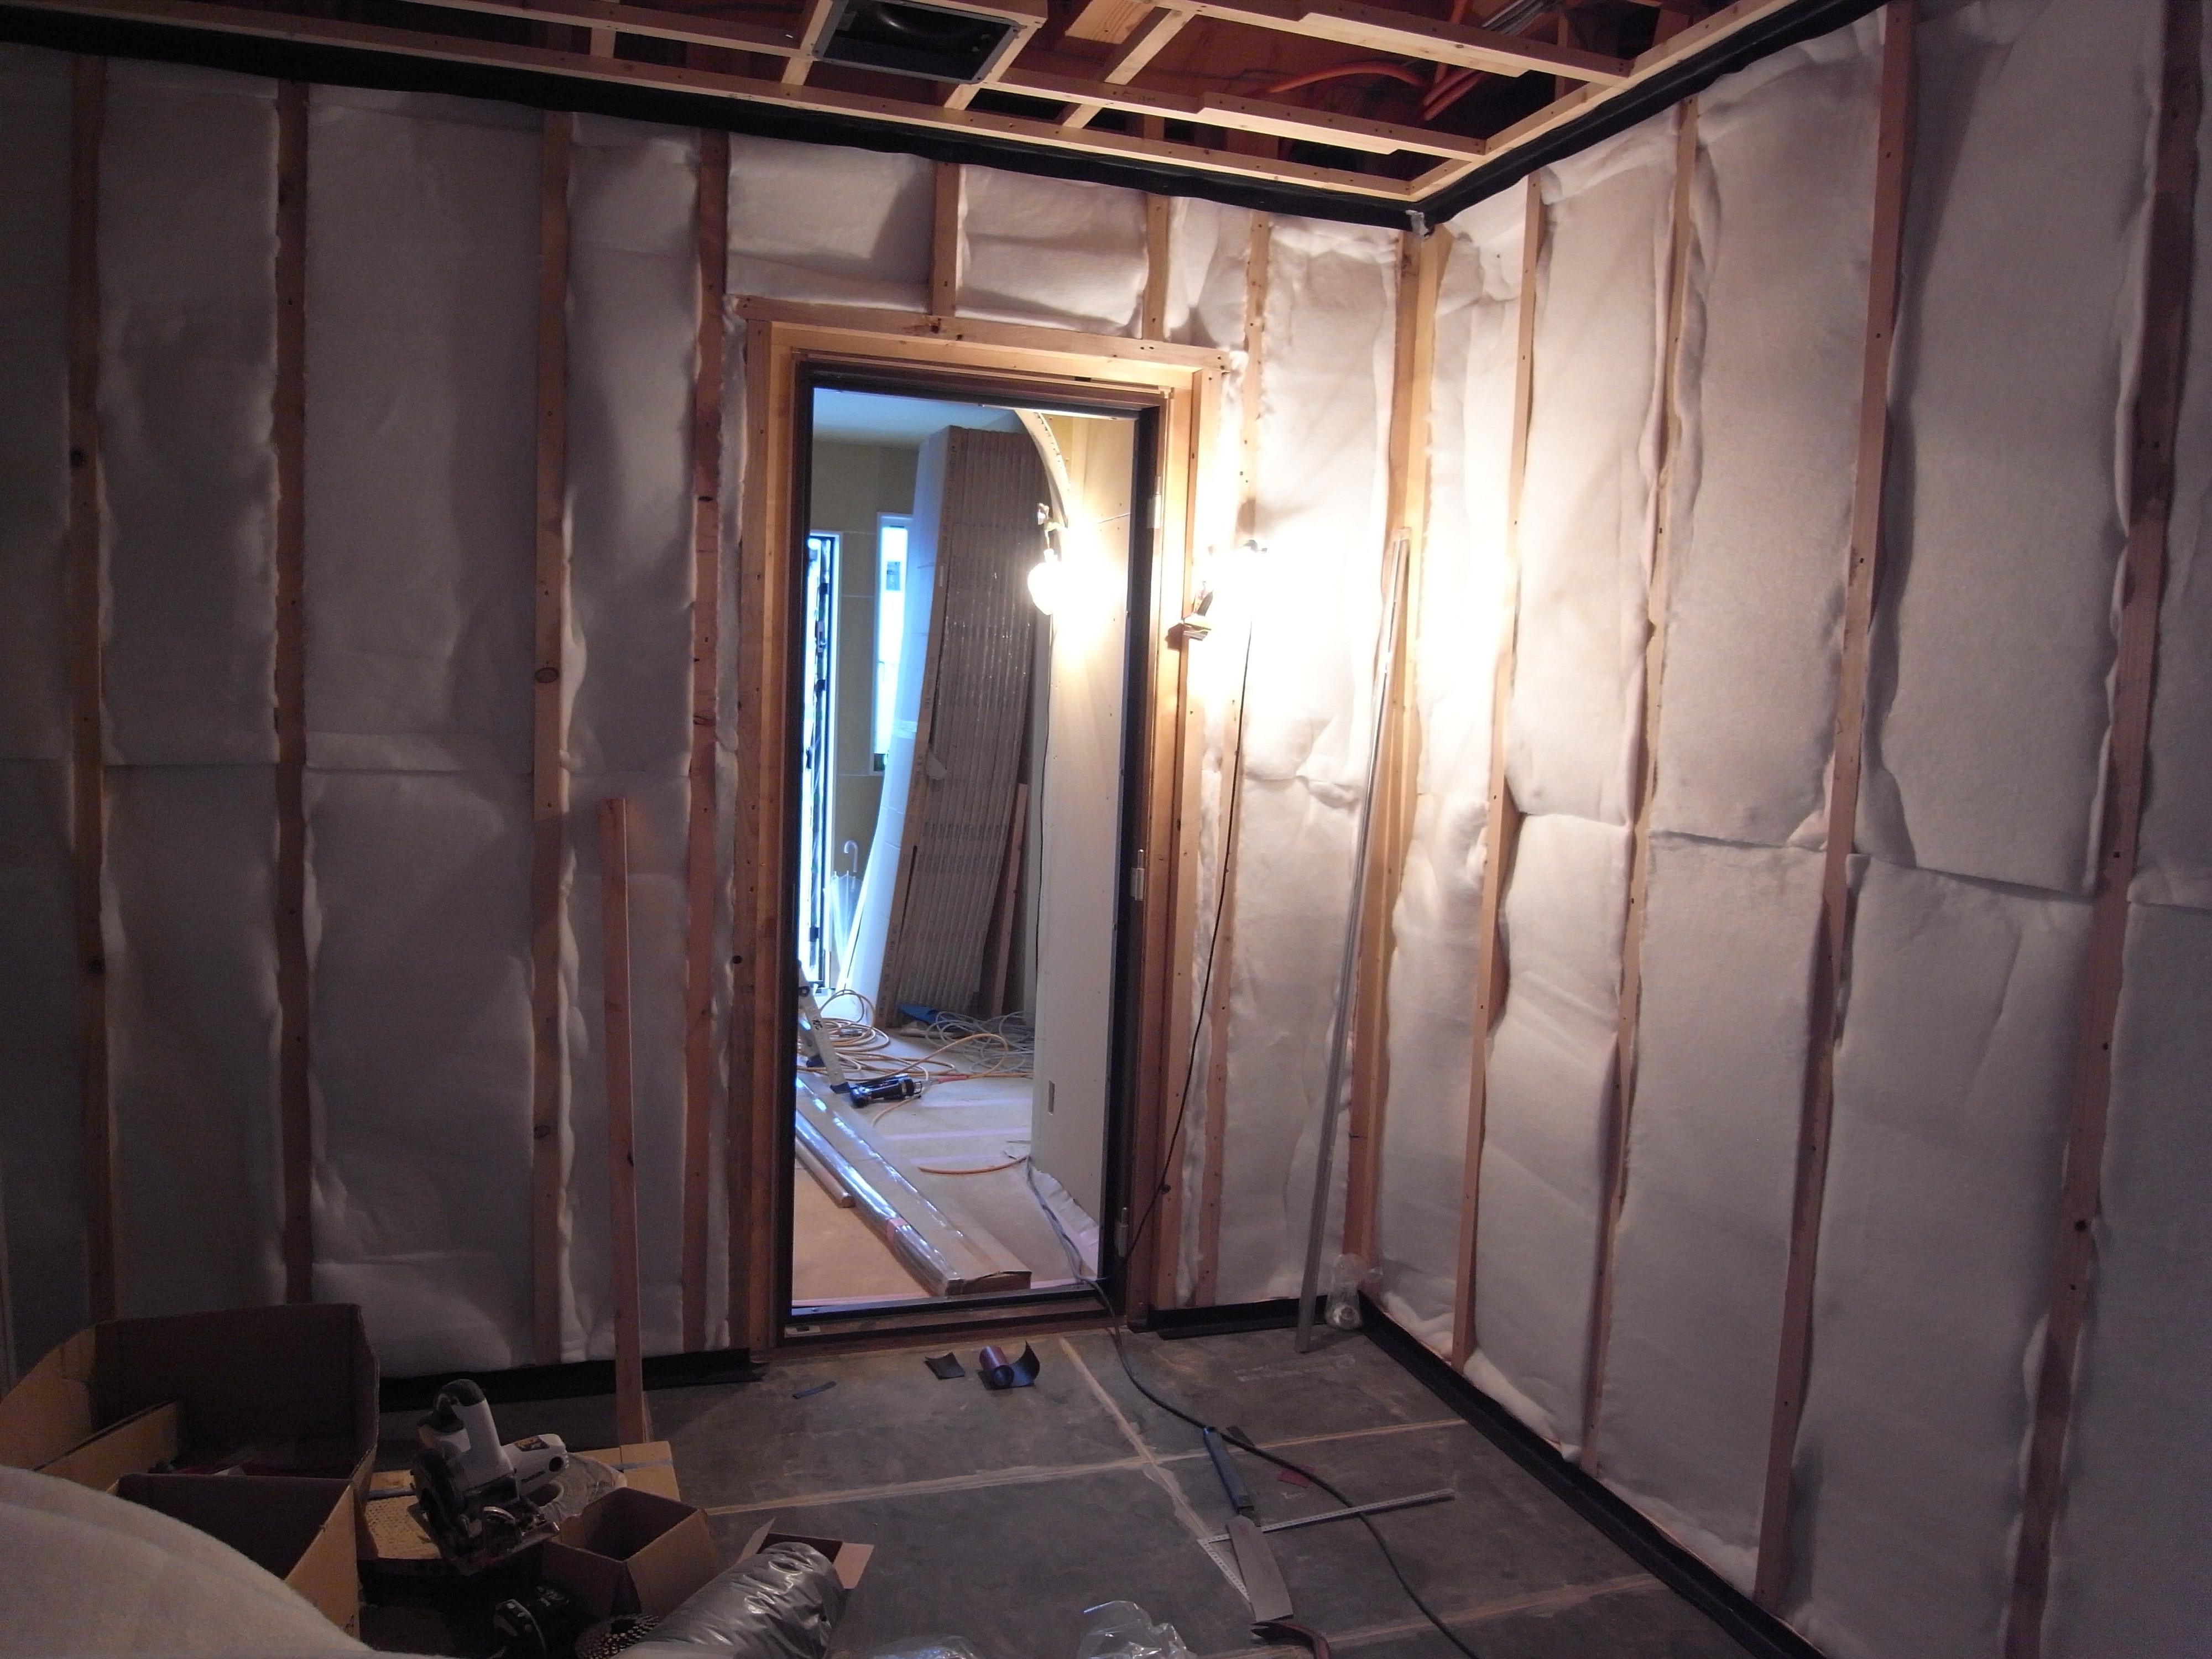 シアタールームの間仕切り壁吸音ウール完了